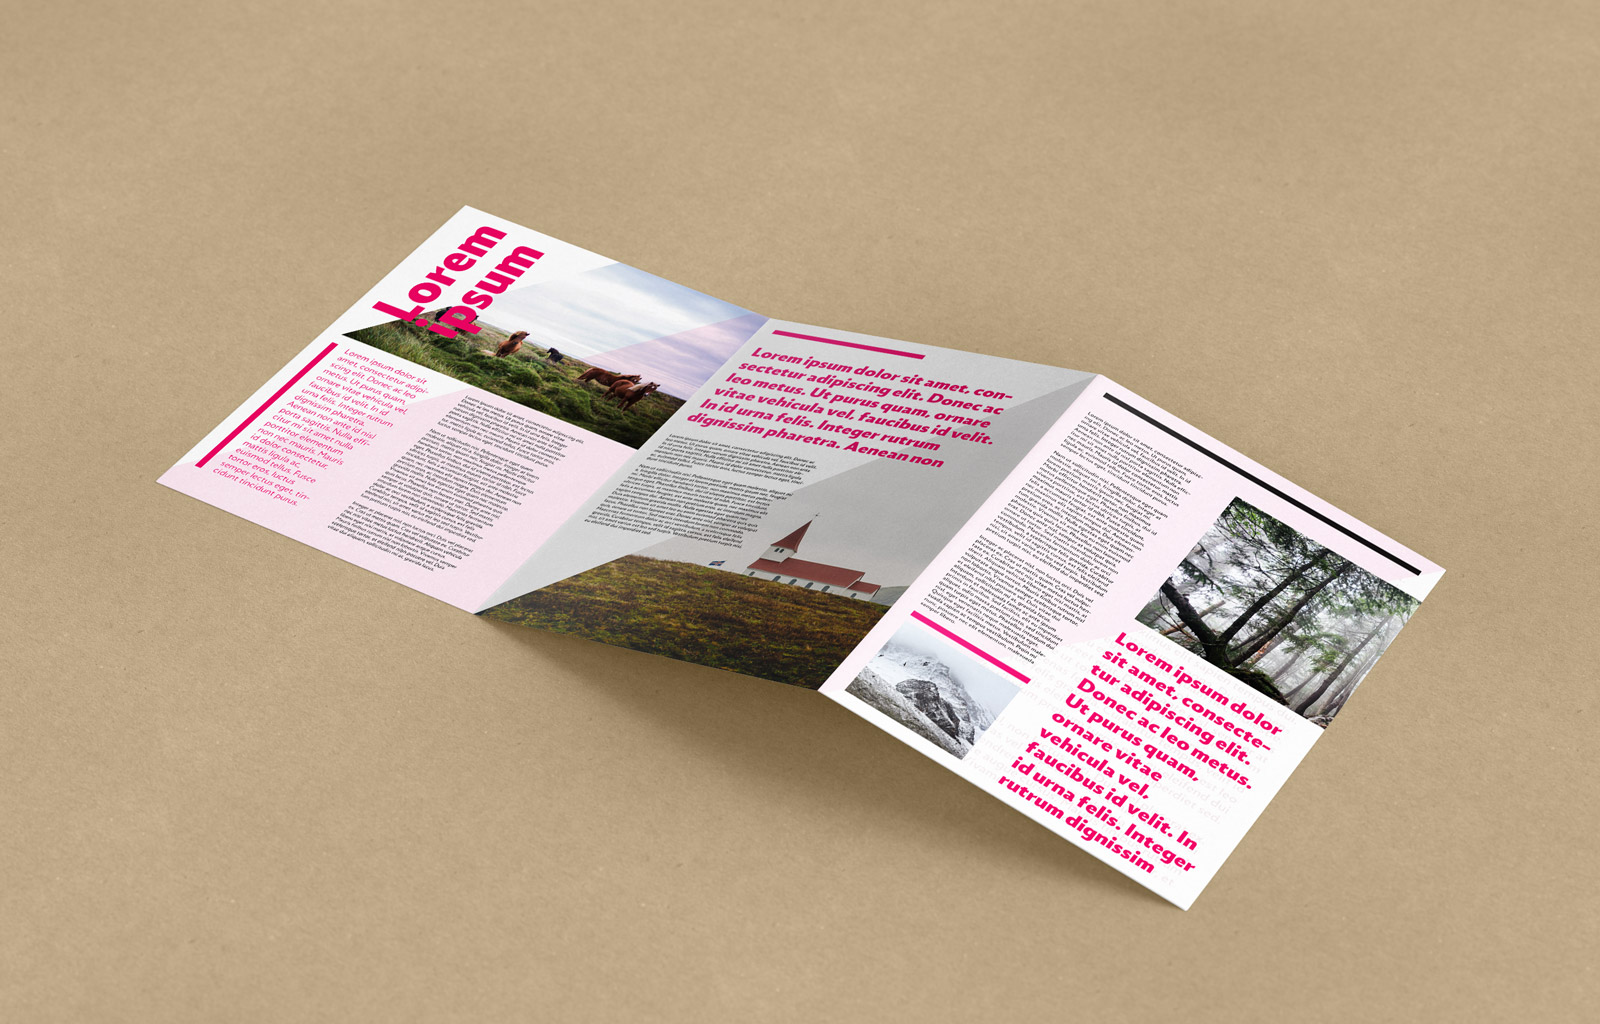 free tri fold a4 brochure mockup psd good mockups